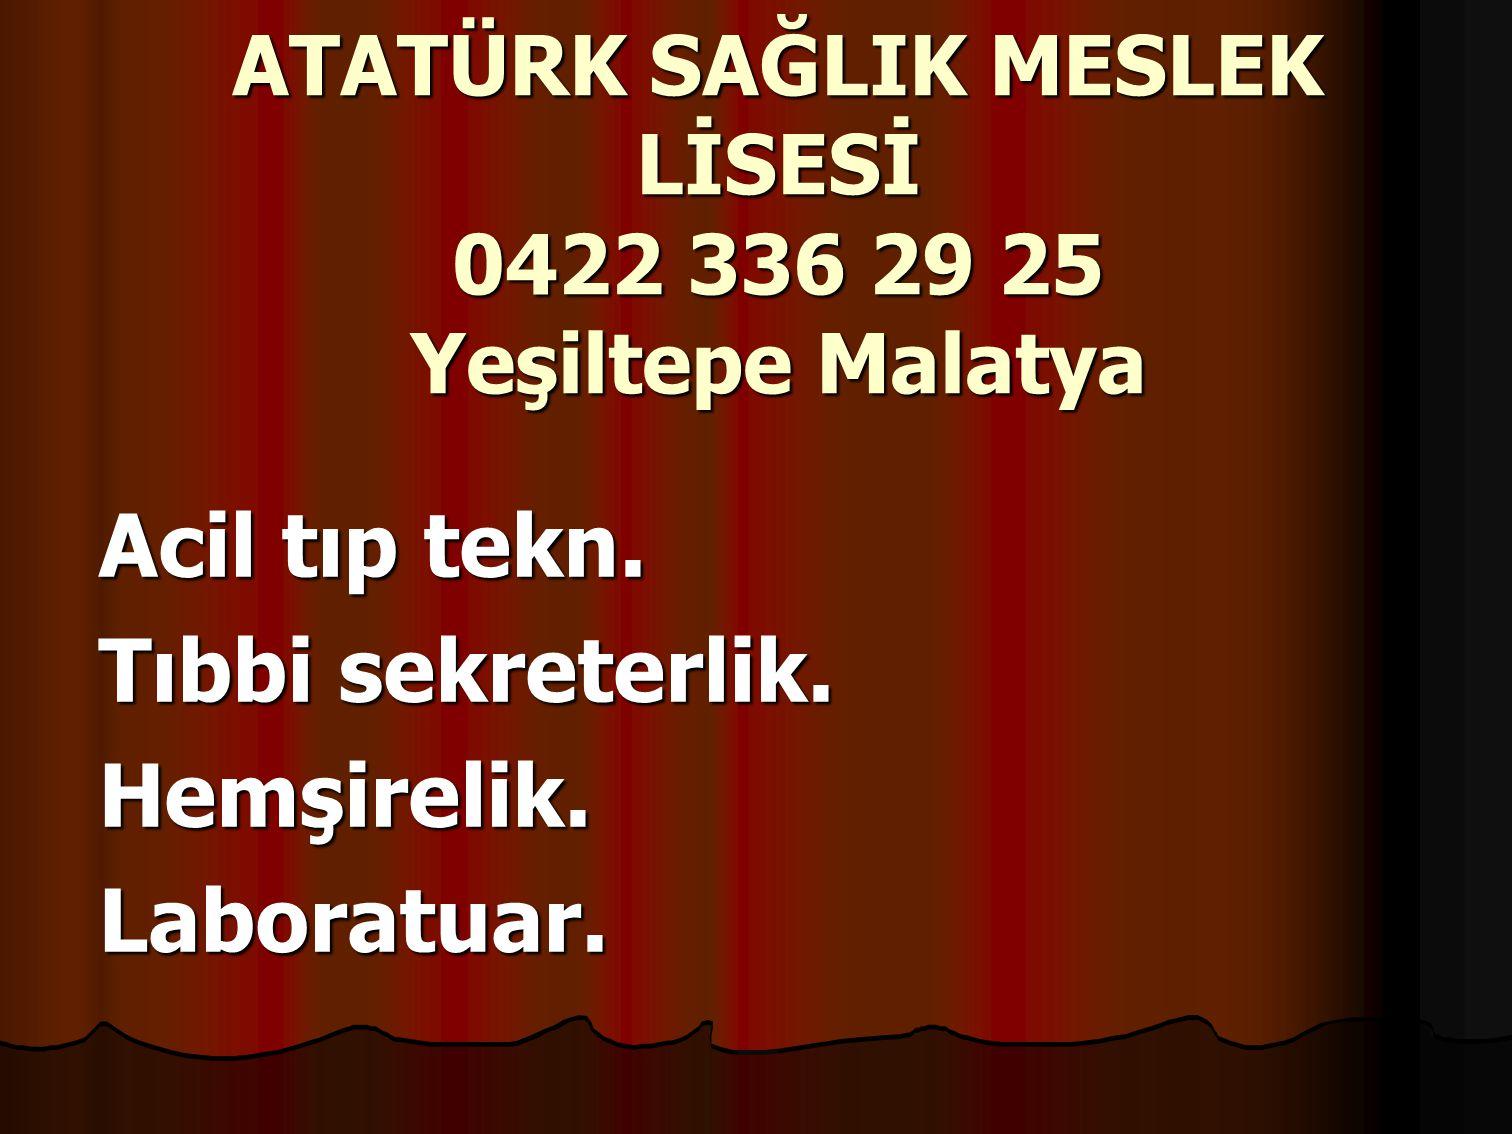 ATATÜRK SAĞLIK MESLEK LİSESİ 0422 336 29 25 Yeşiltepe Malatya